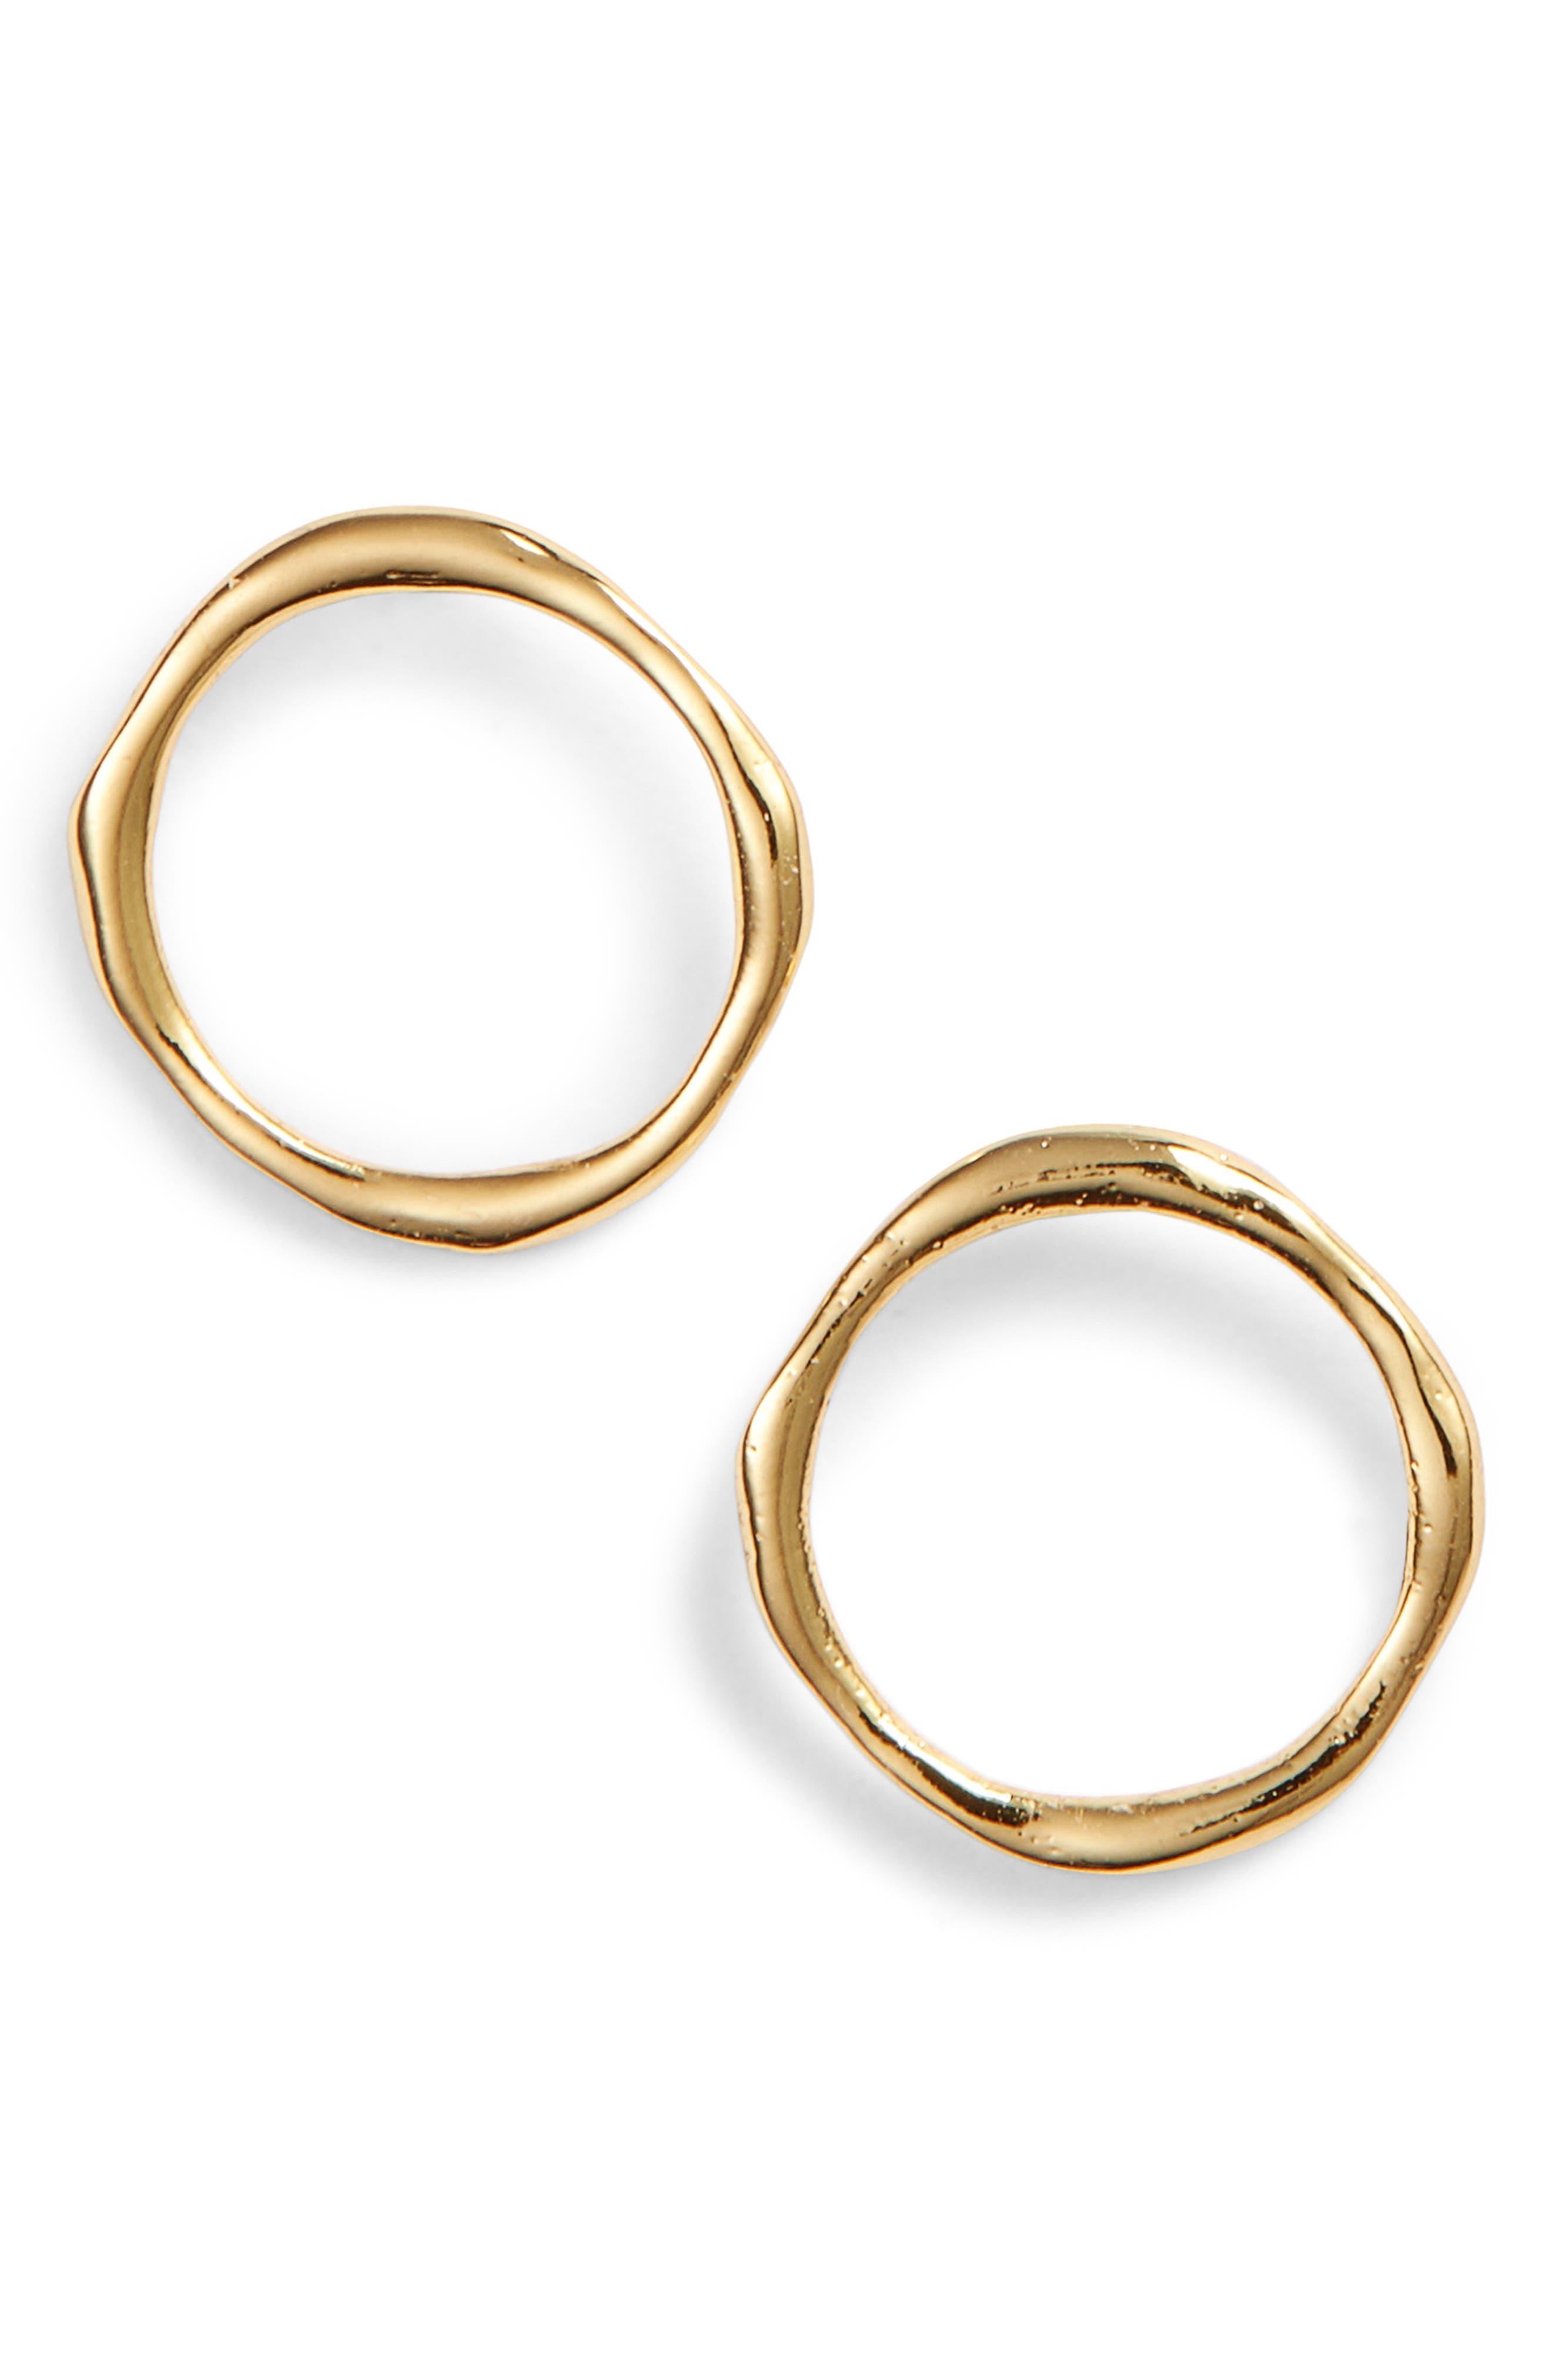 GORJANA, Quinn Delicate Stud Earrings, Main thumbnail 1, color, GOLD